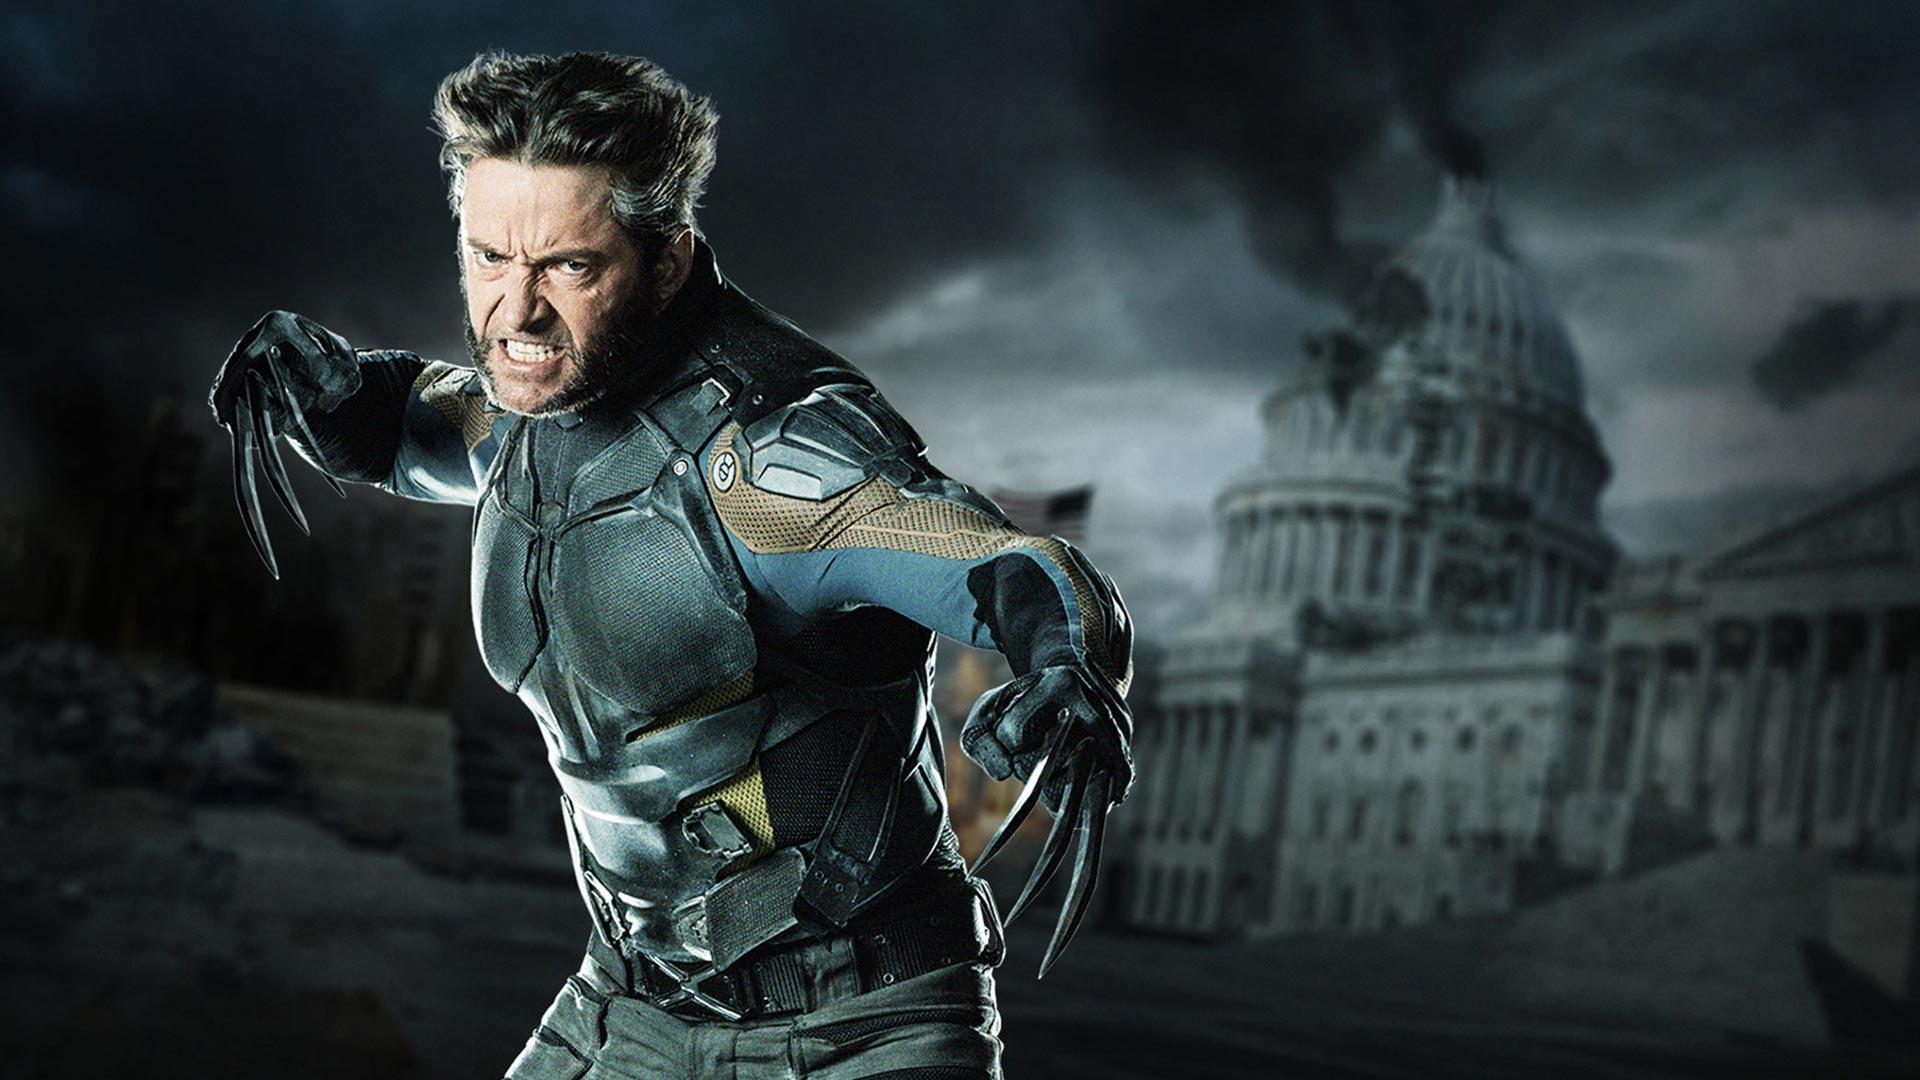 Wolverine And The X Men Wallpaper Wallpapersafari